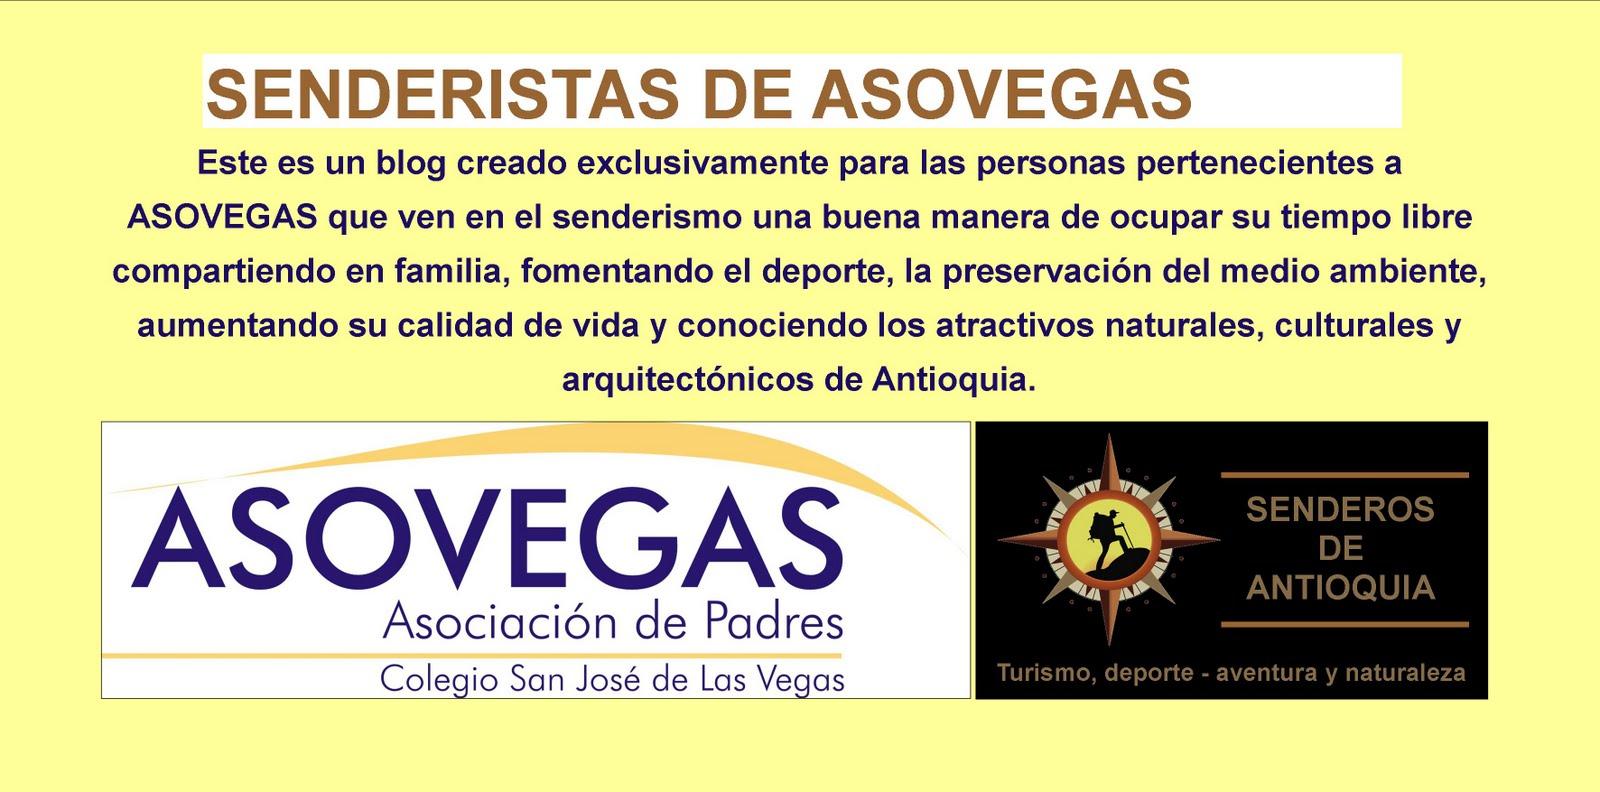 SENDERISTAS DE ASOVEGAS